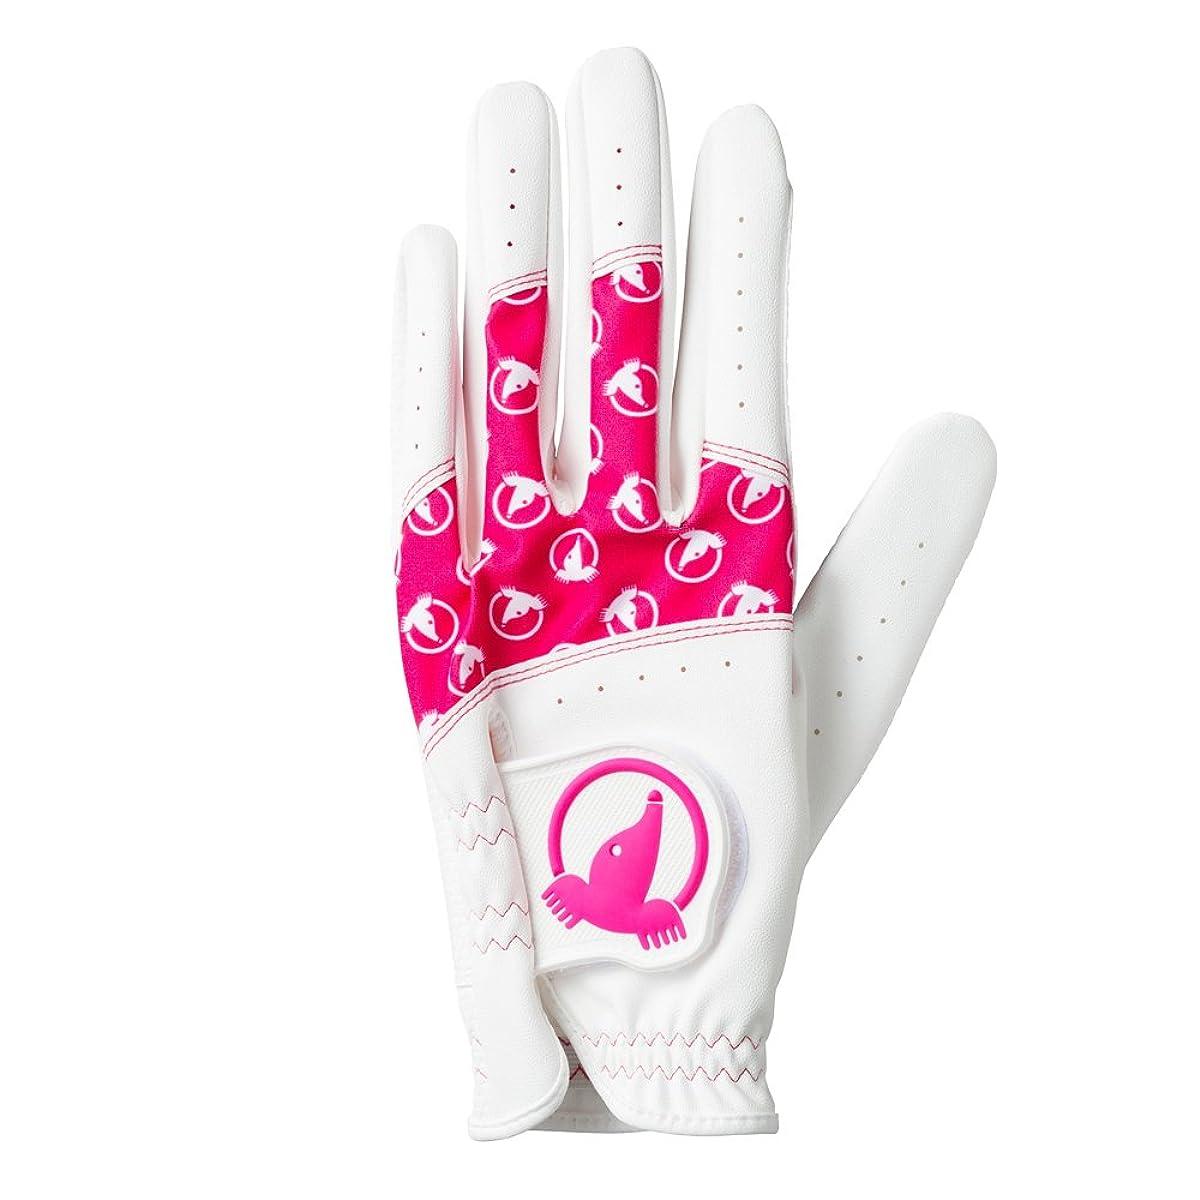 [해외] 혼마 골프 골프 글러브 HONMA 레이디스 글러브 양손용 컬러풀 두더지 화이트/핑크 19CM 레이디스 GCB-6701 화이트